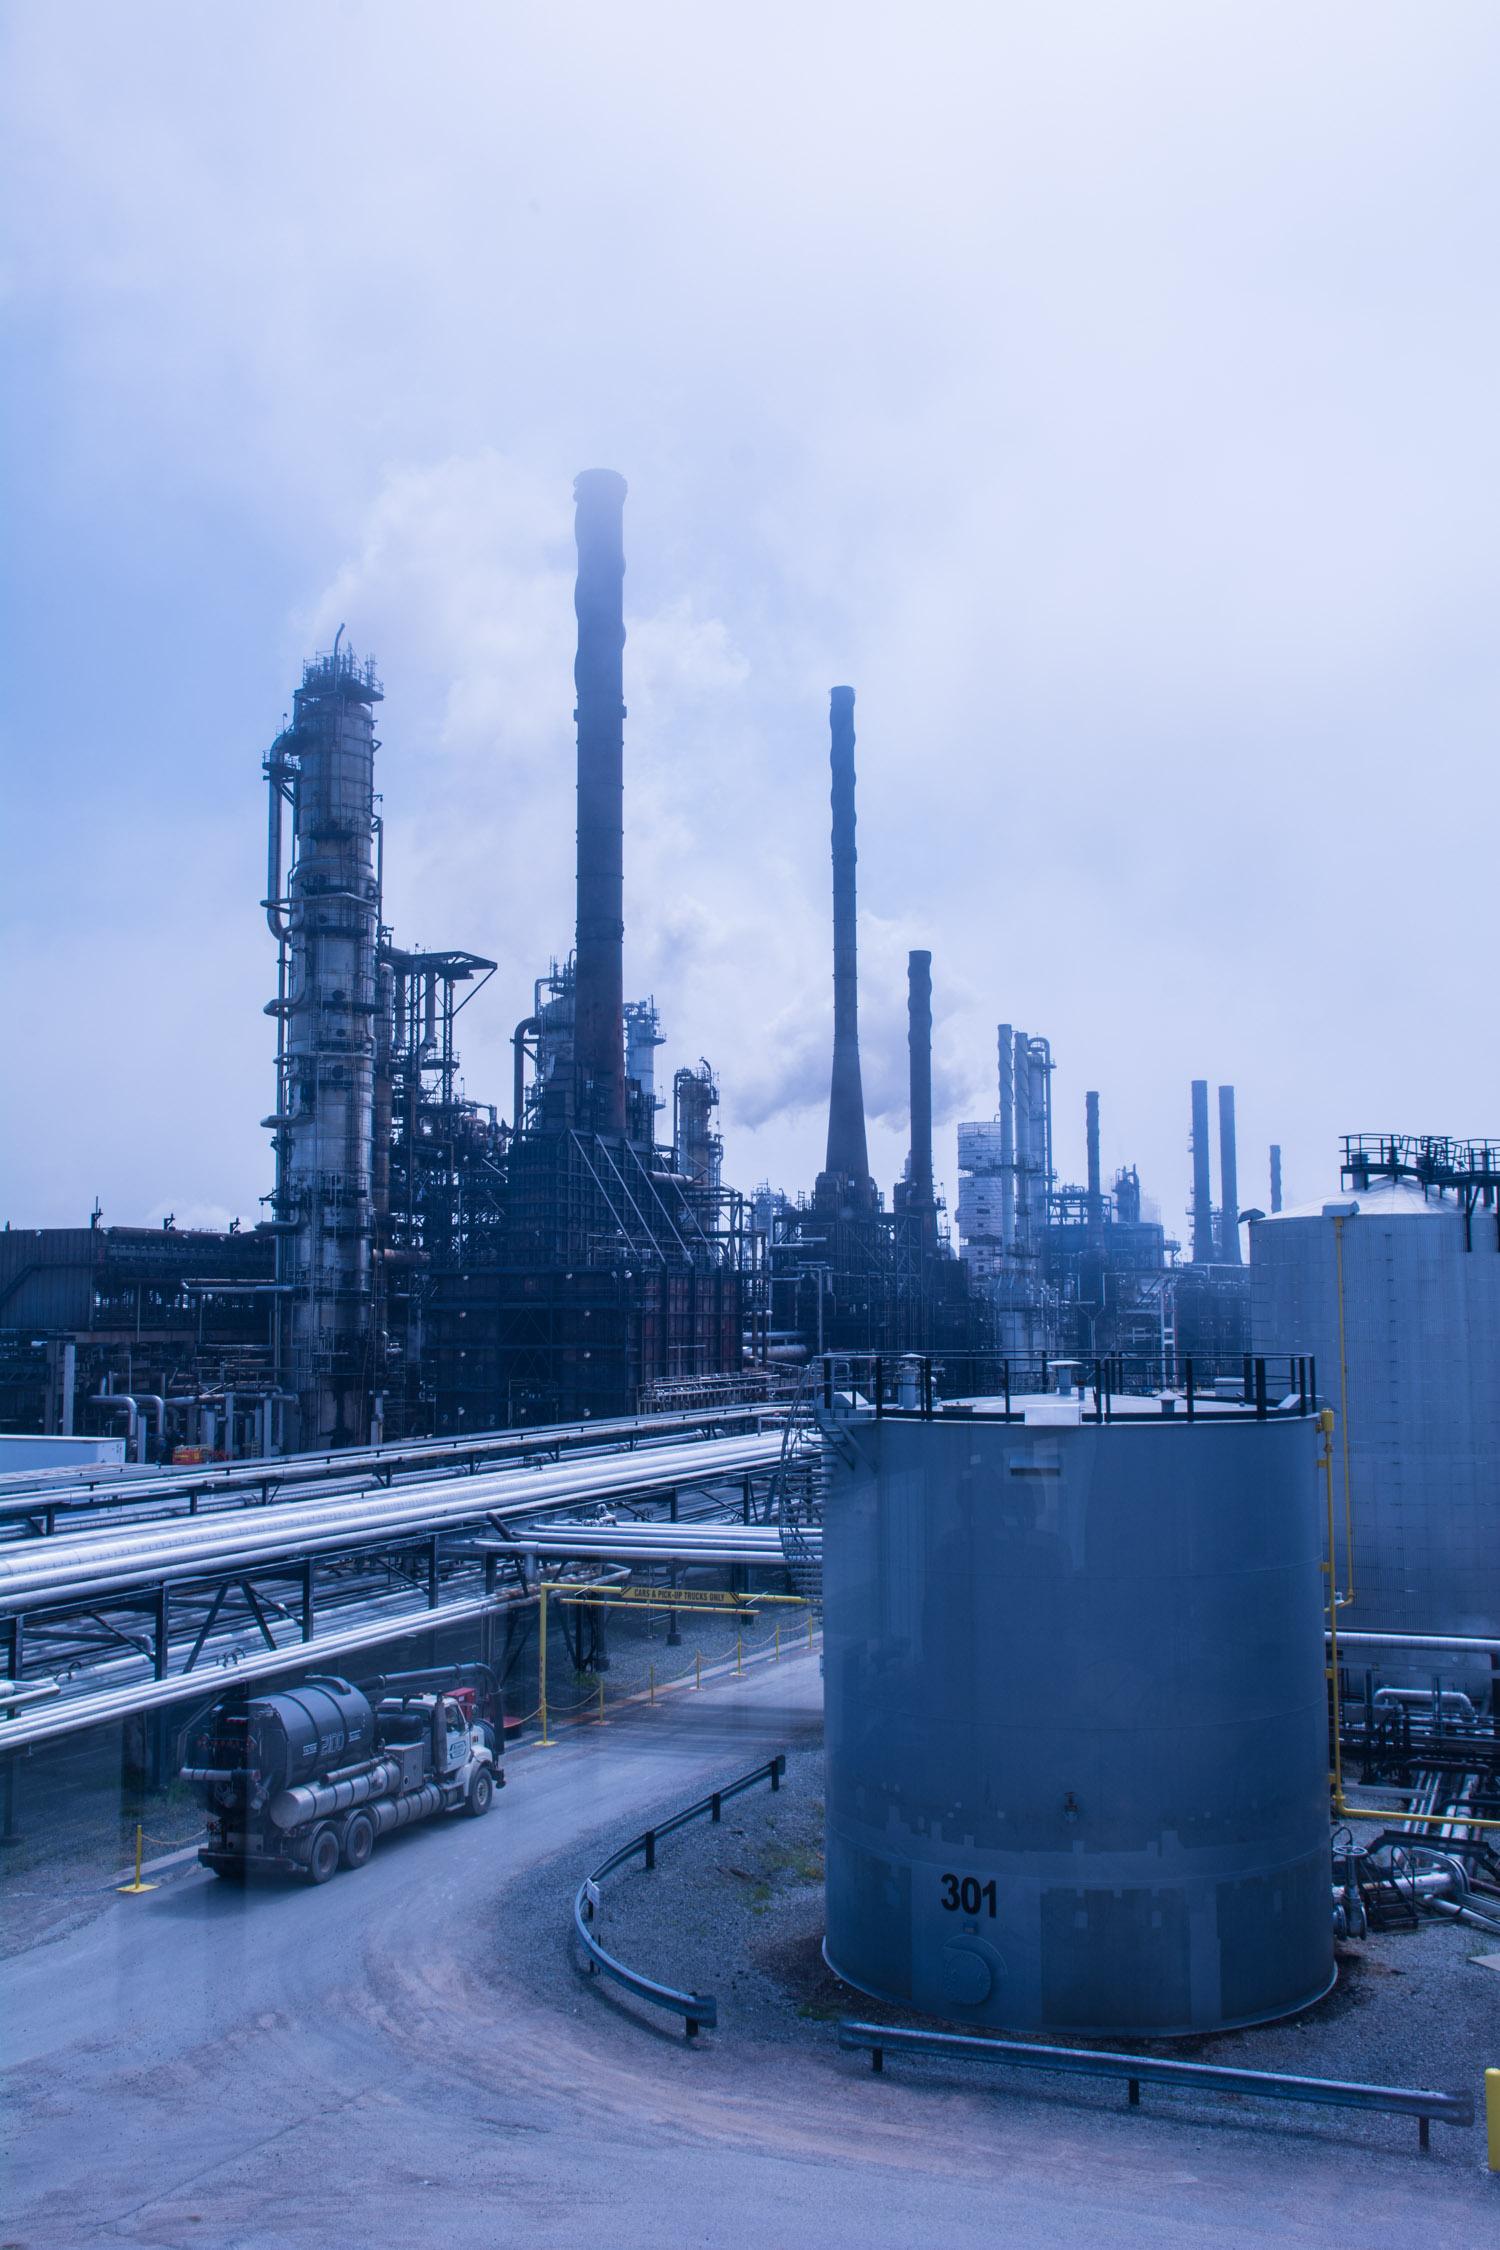 aug05 2014-Bloomberg News-Irving Oil refinery-Saint John NB-photo by Aaron McKenzie Fraser-www.amfraser.com-5607.jpg